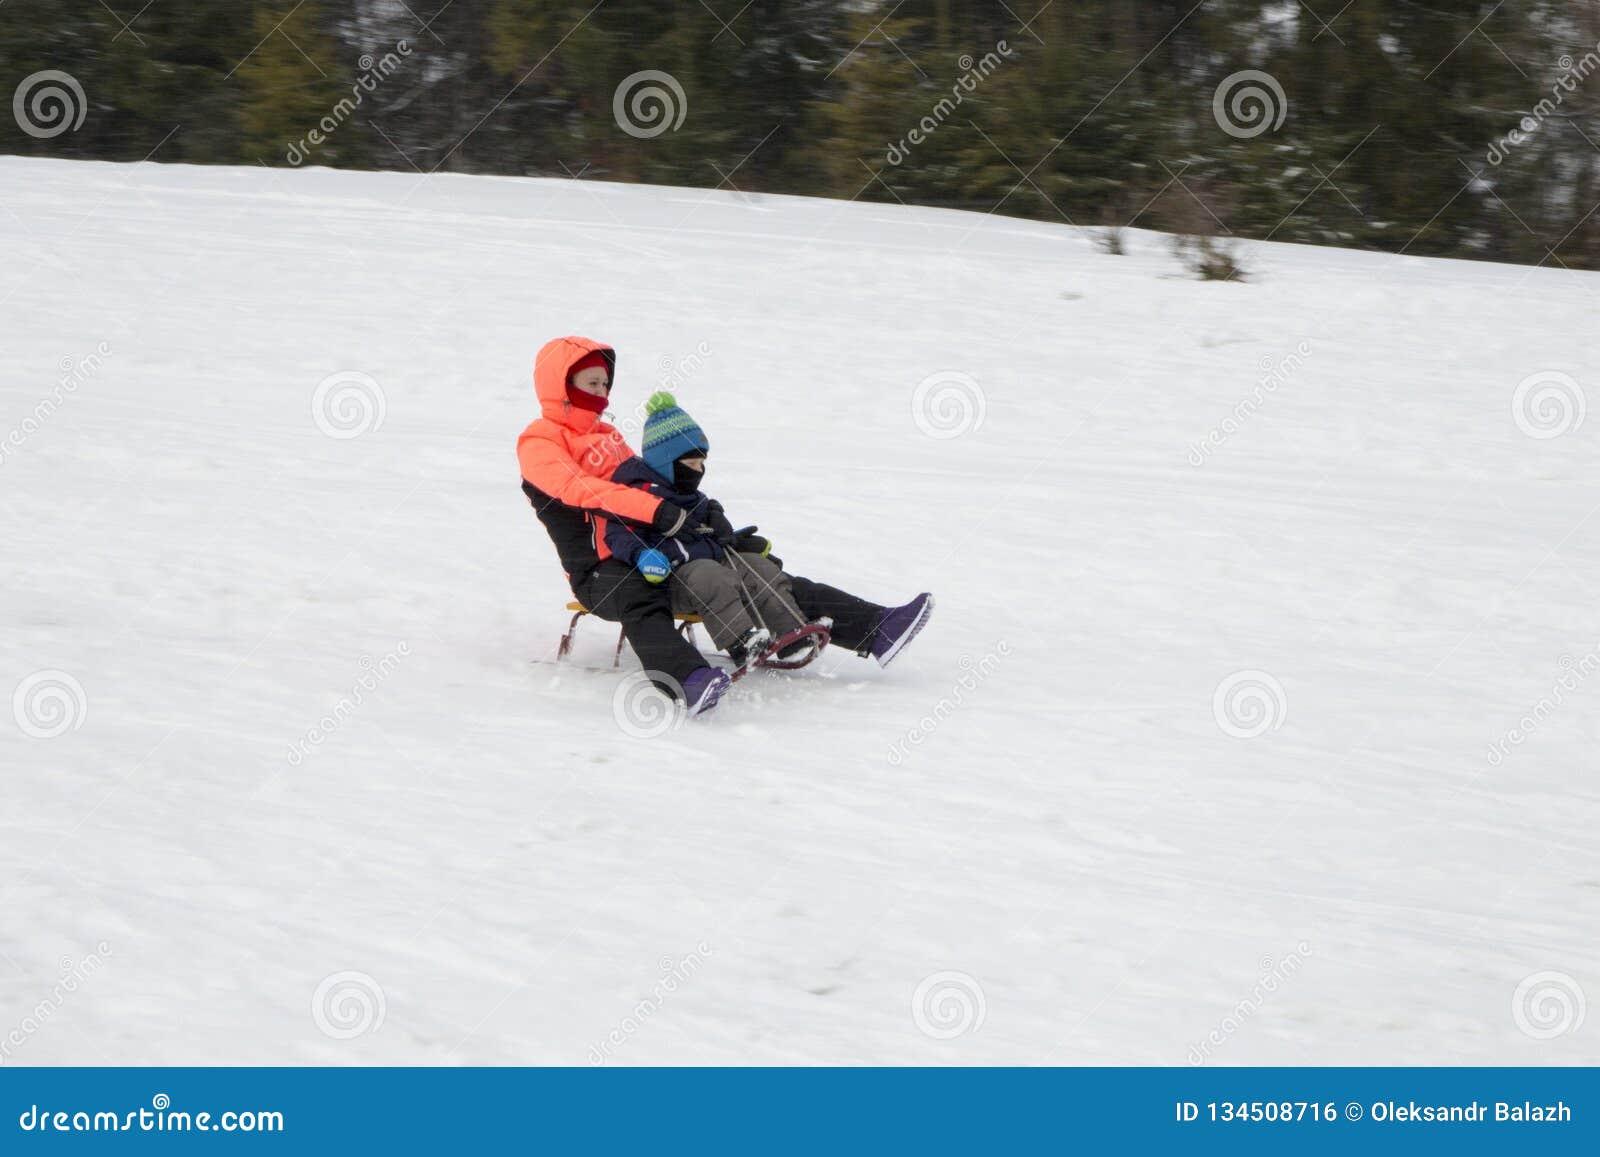 Der Anfang der Skijahreszeit in den Karpaten